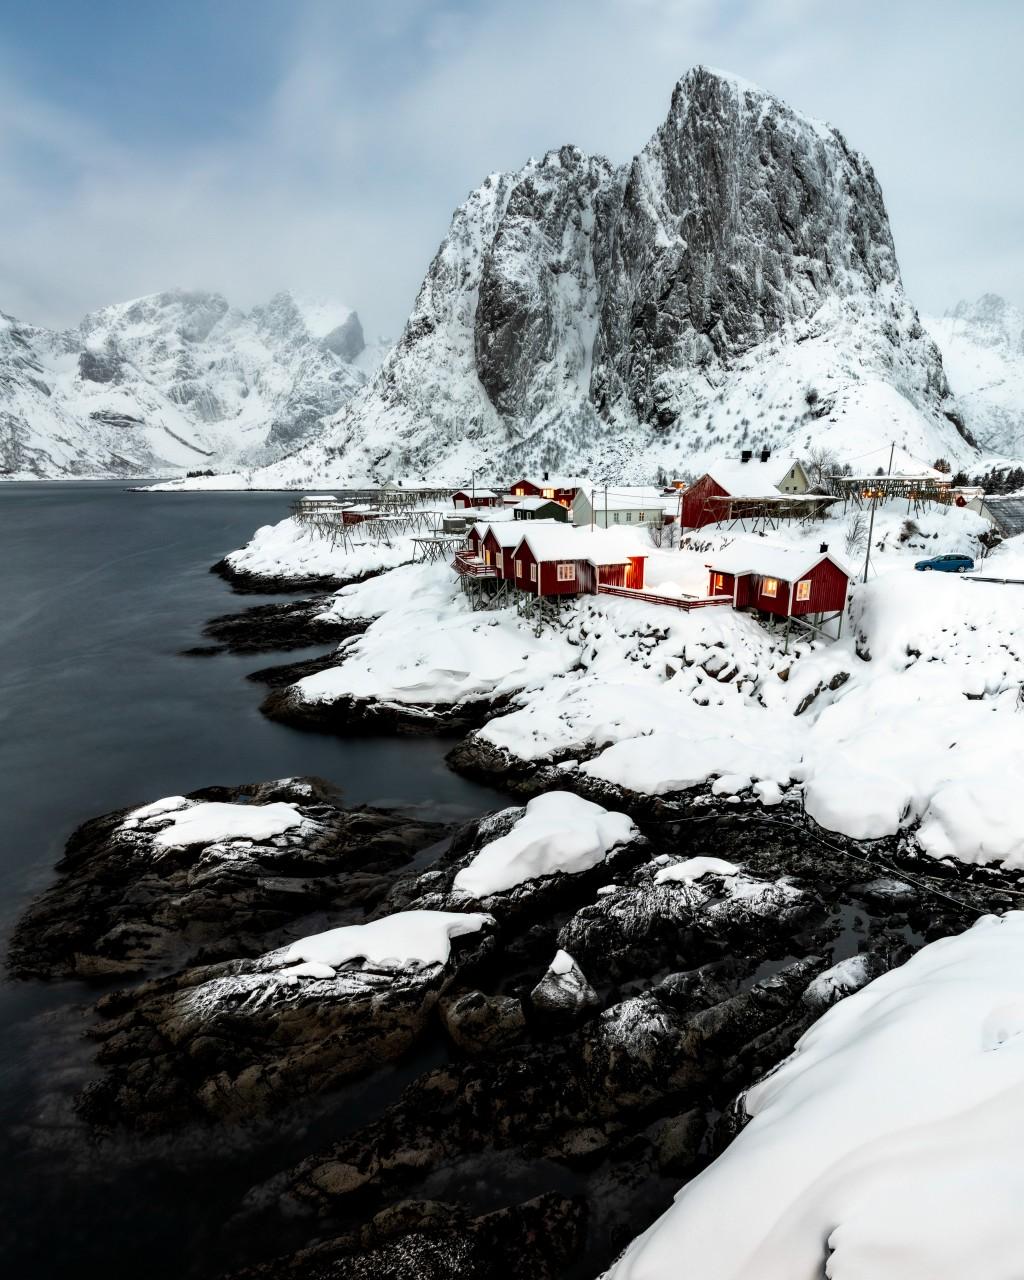 The village Reine on the Lofoten Islands in Norway